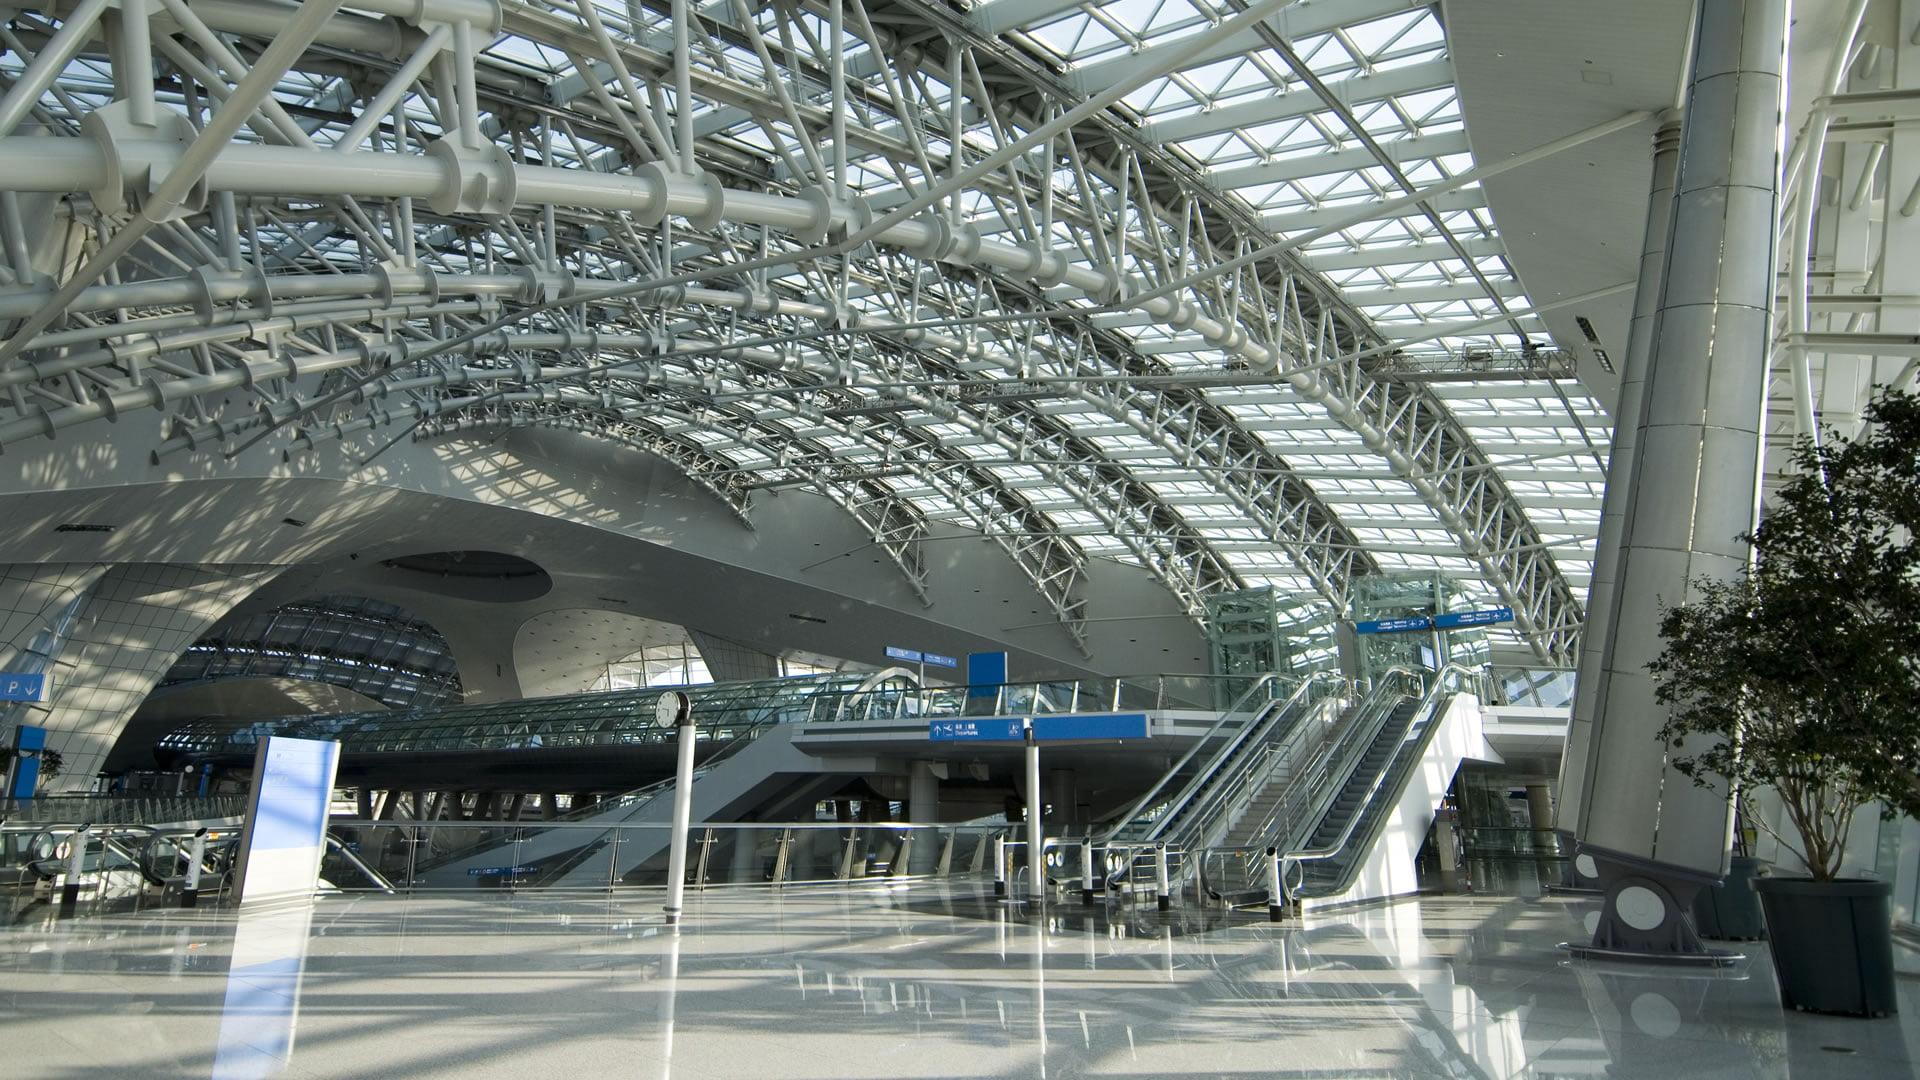 Aeropuerto Internacional de Incheon, Corea